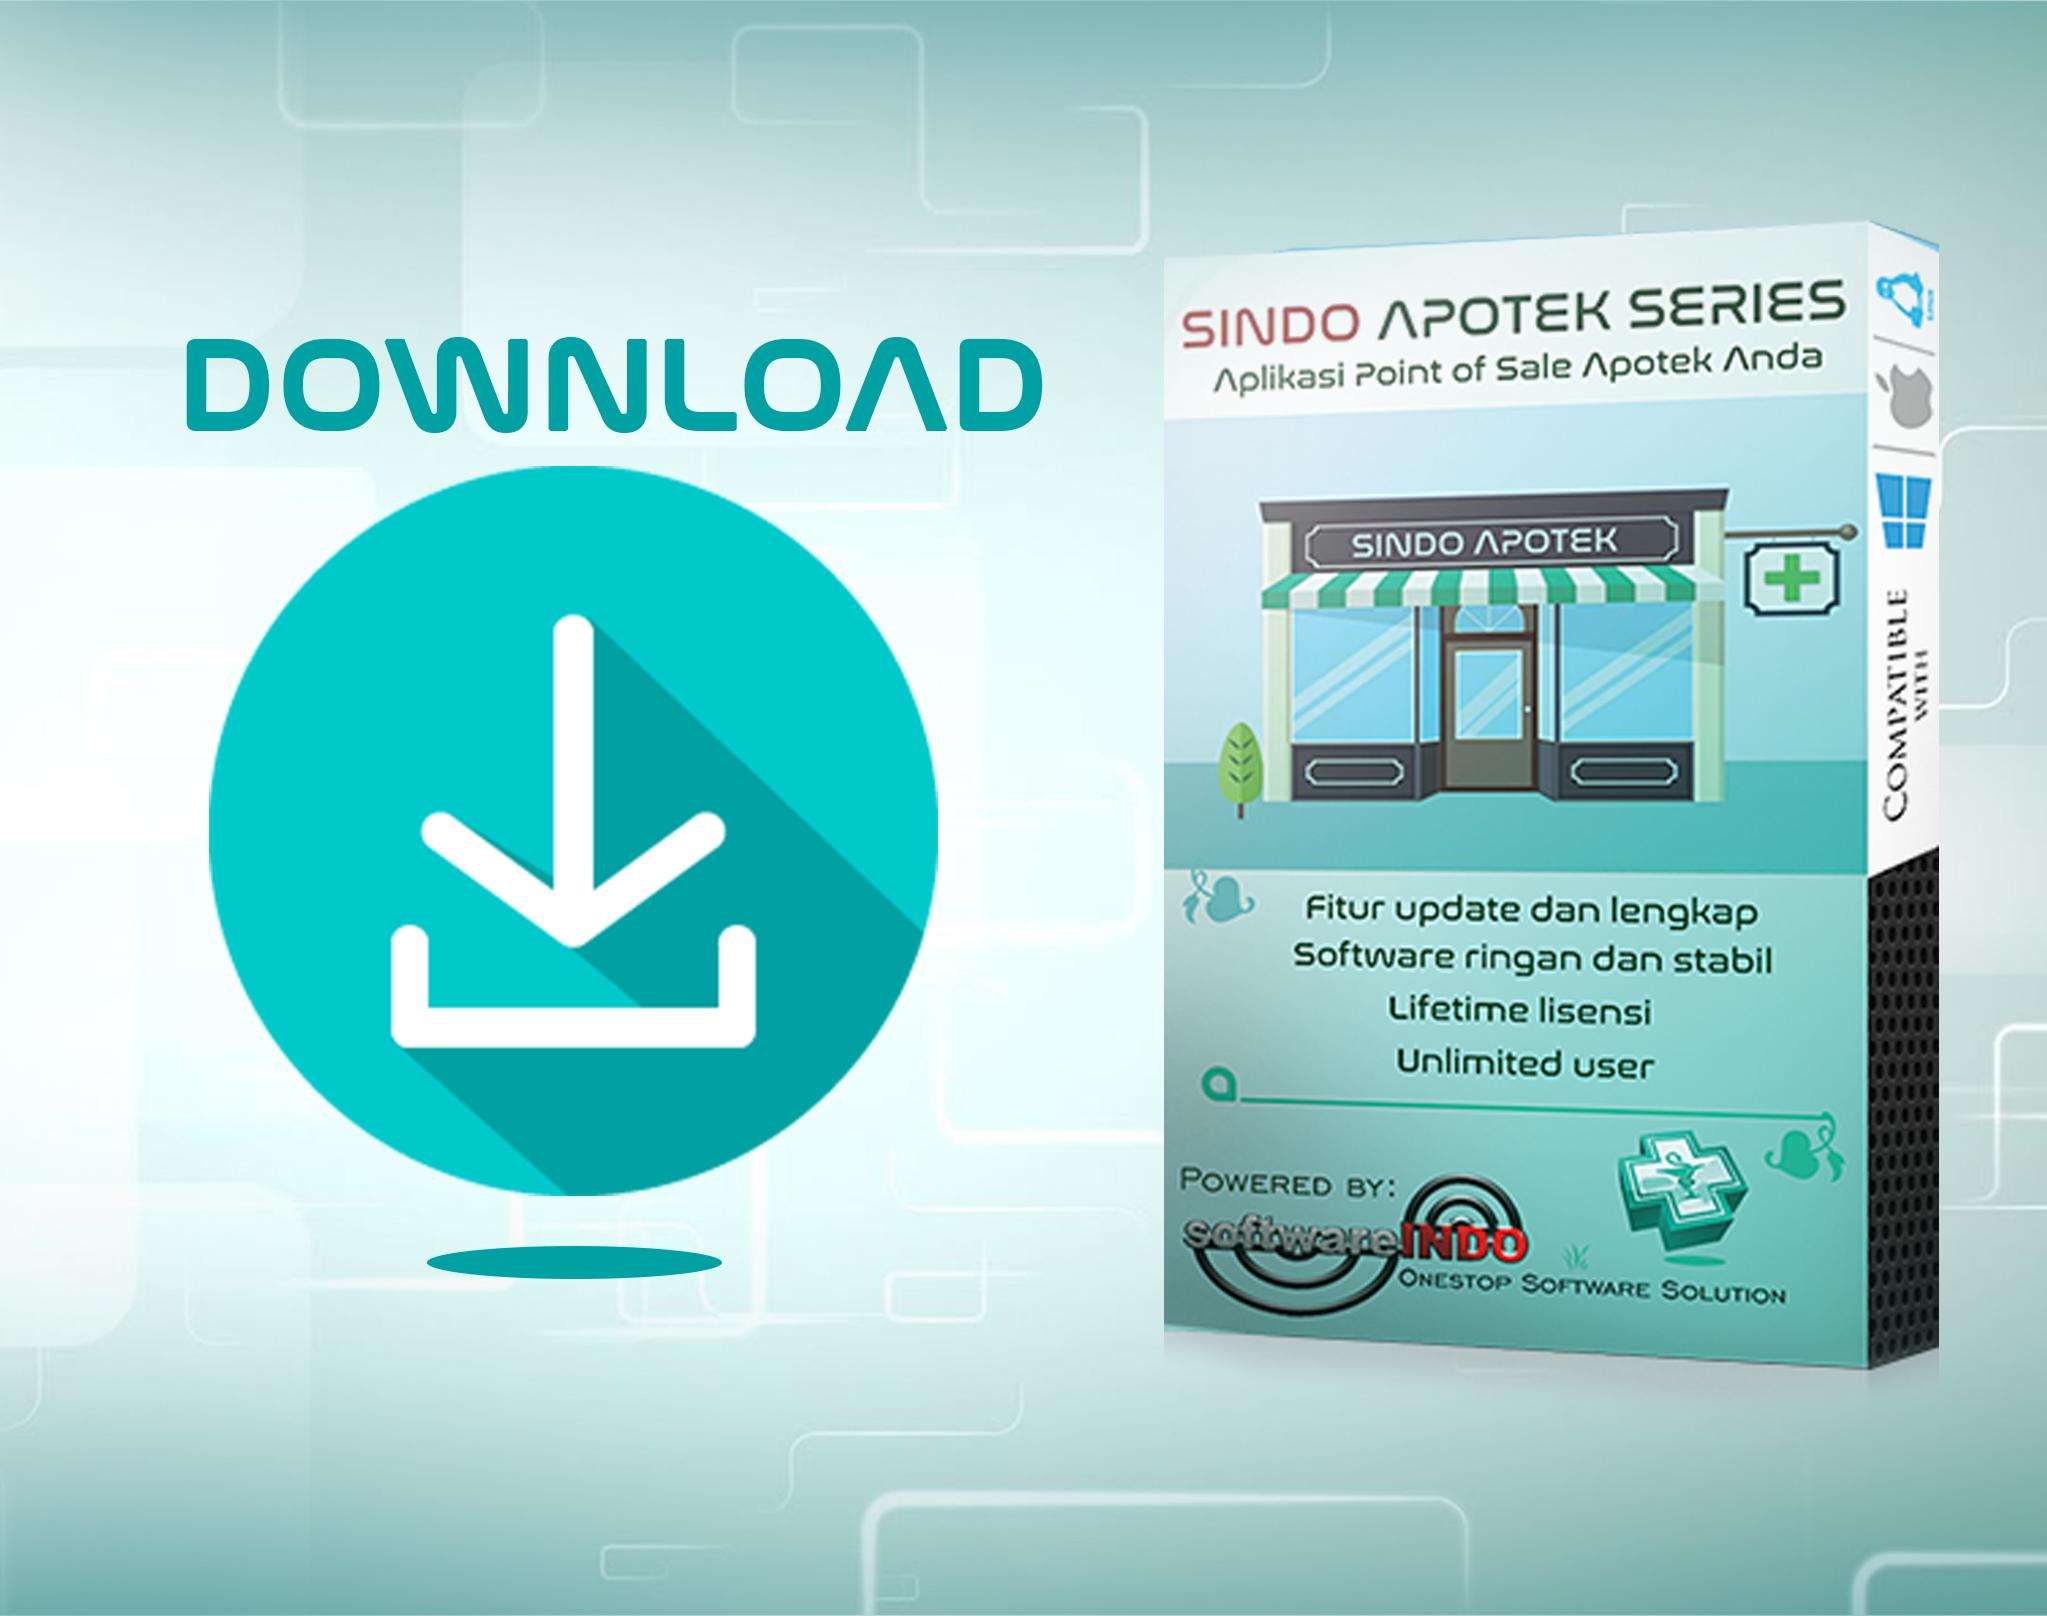 Download-SINDO-APOTEK